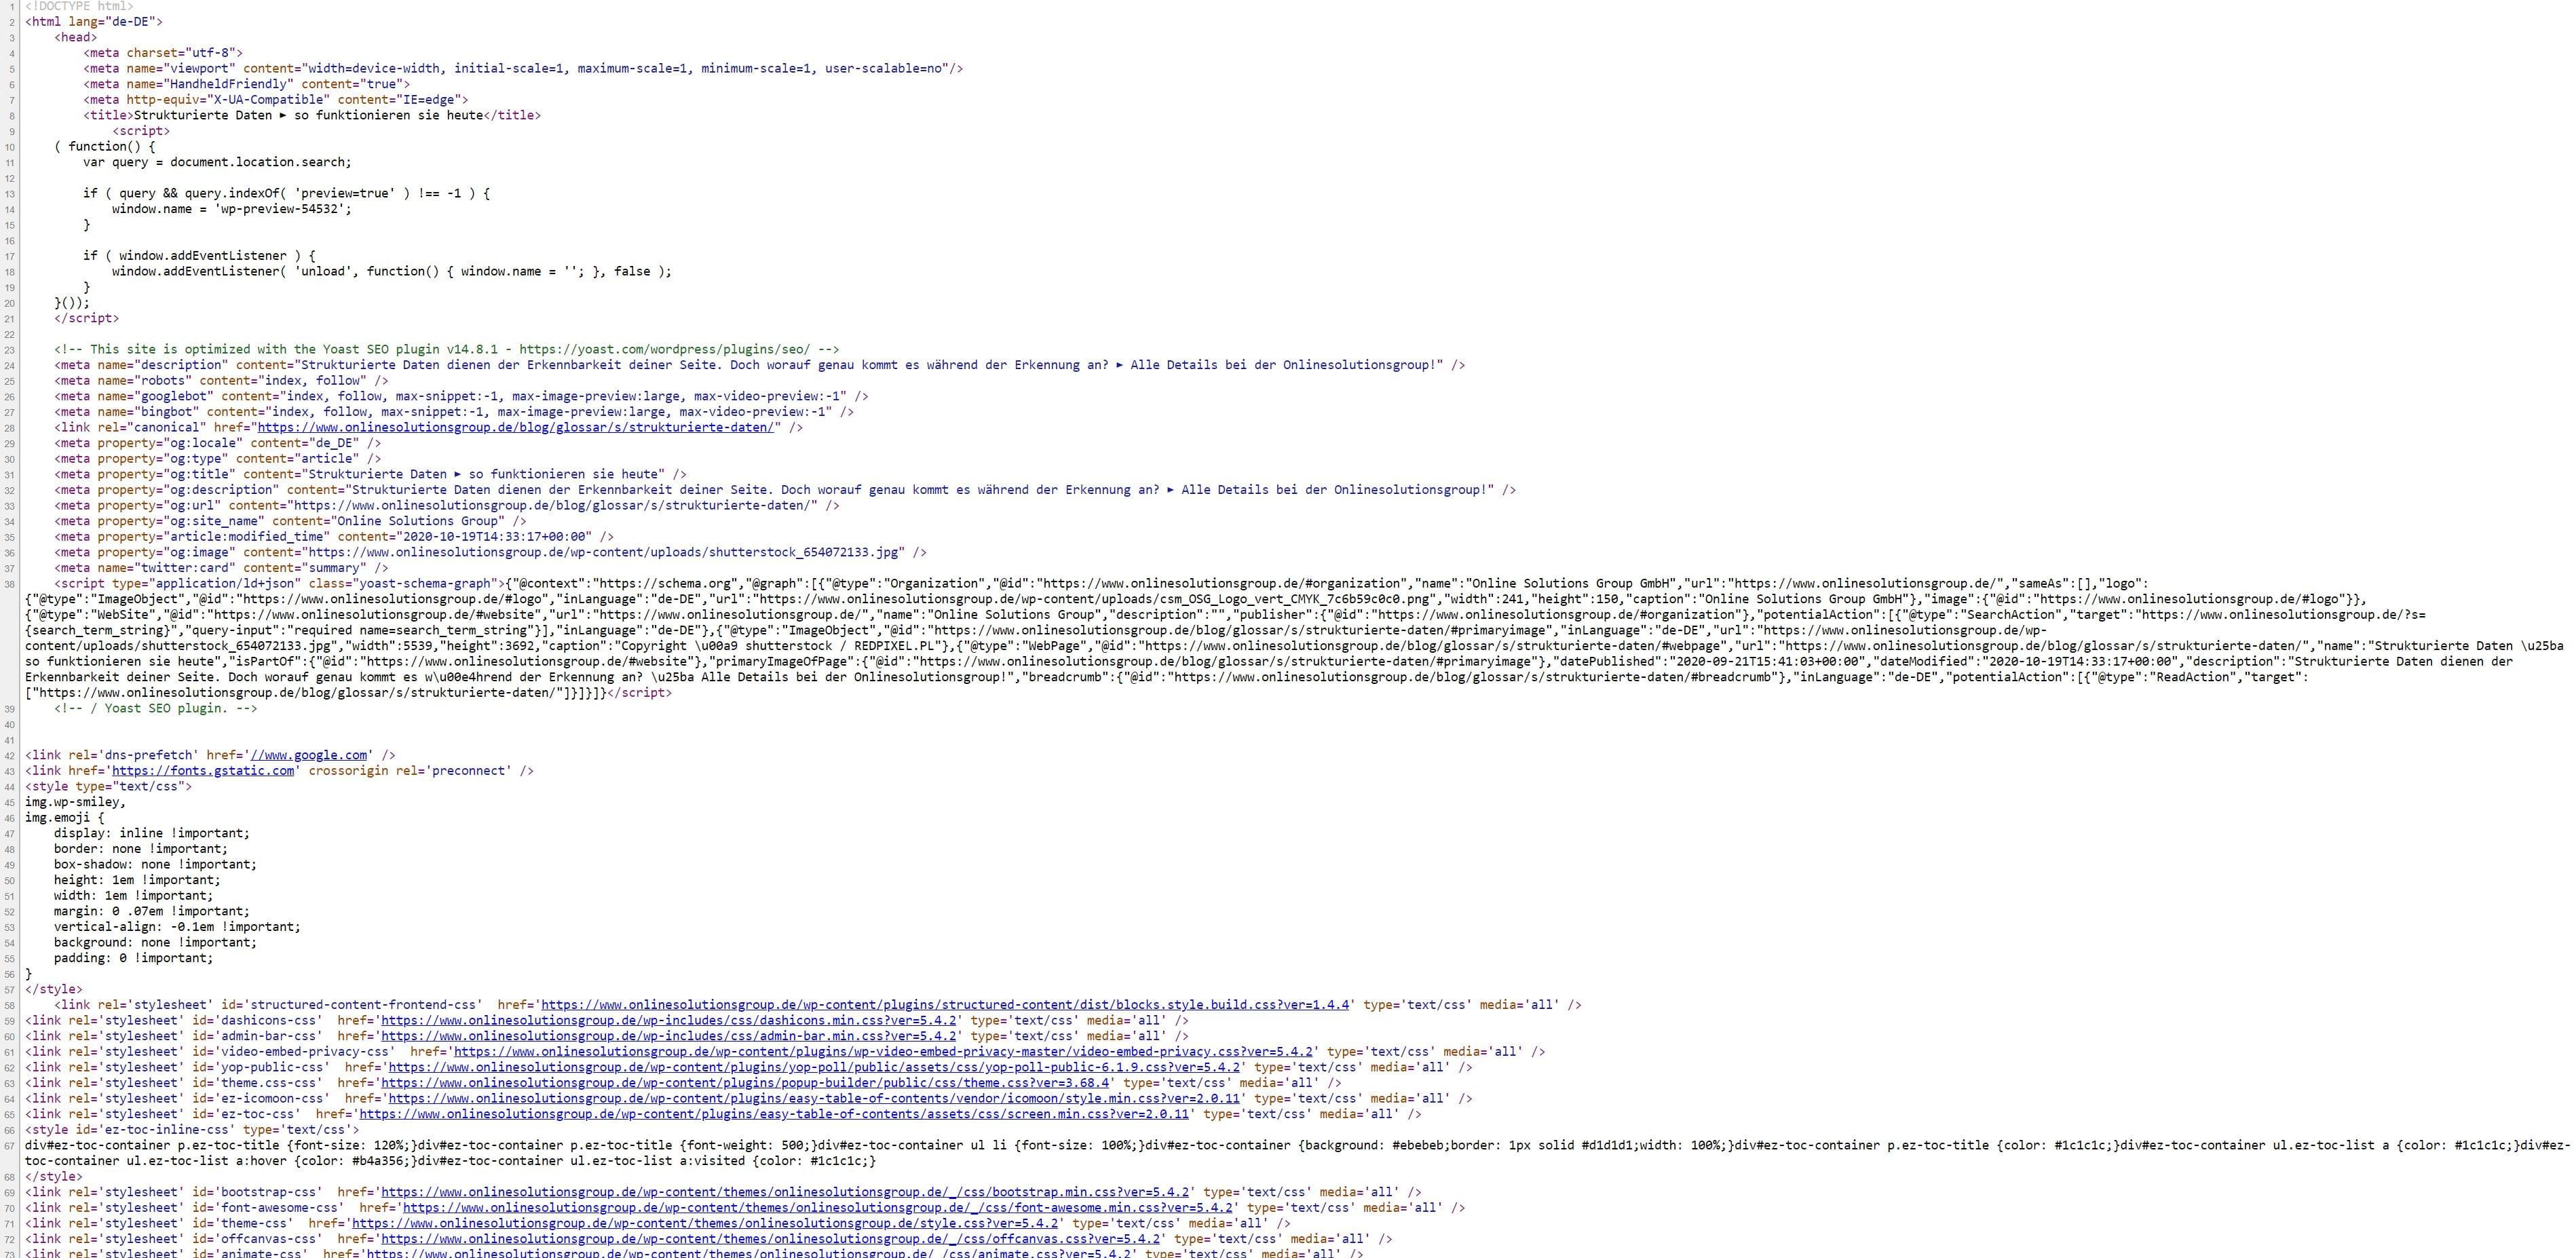 Strukturierte Daten aus Quellcode